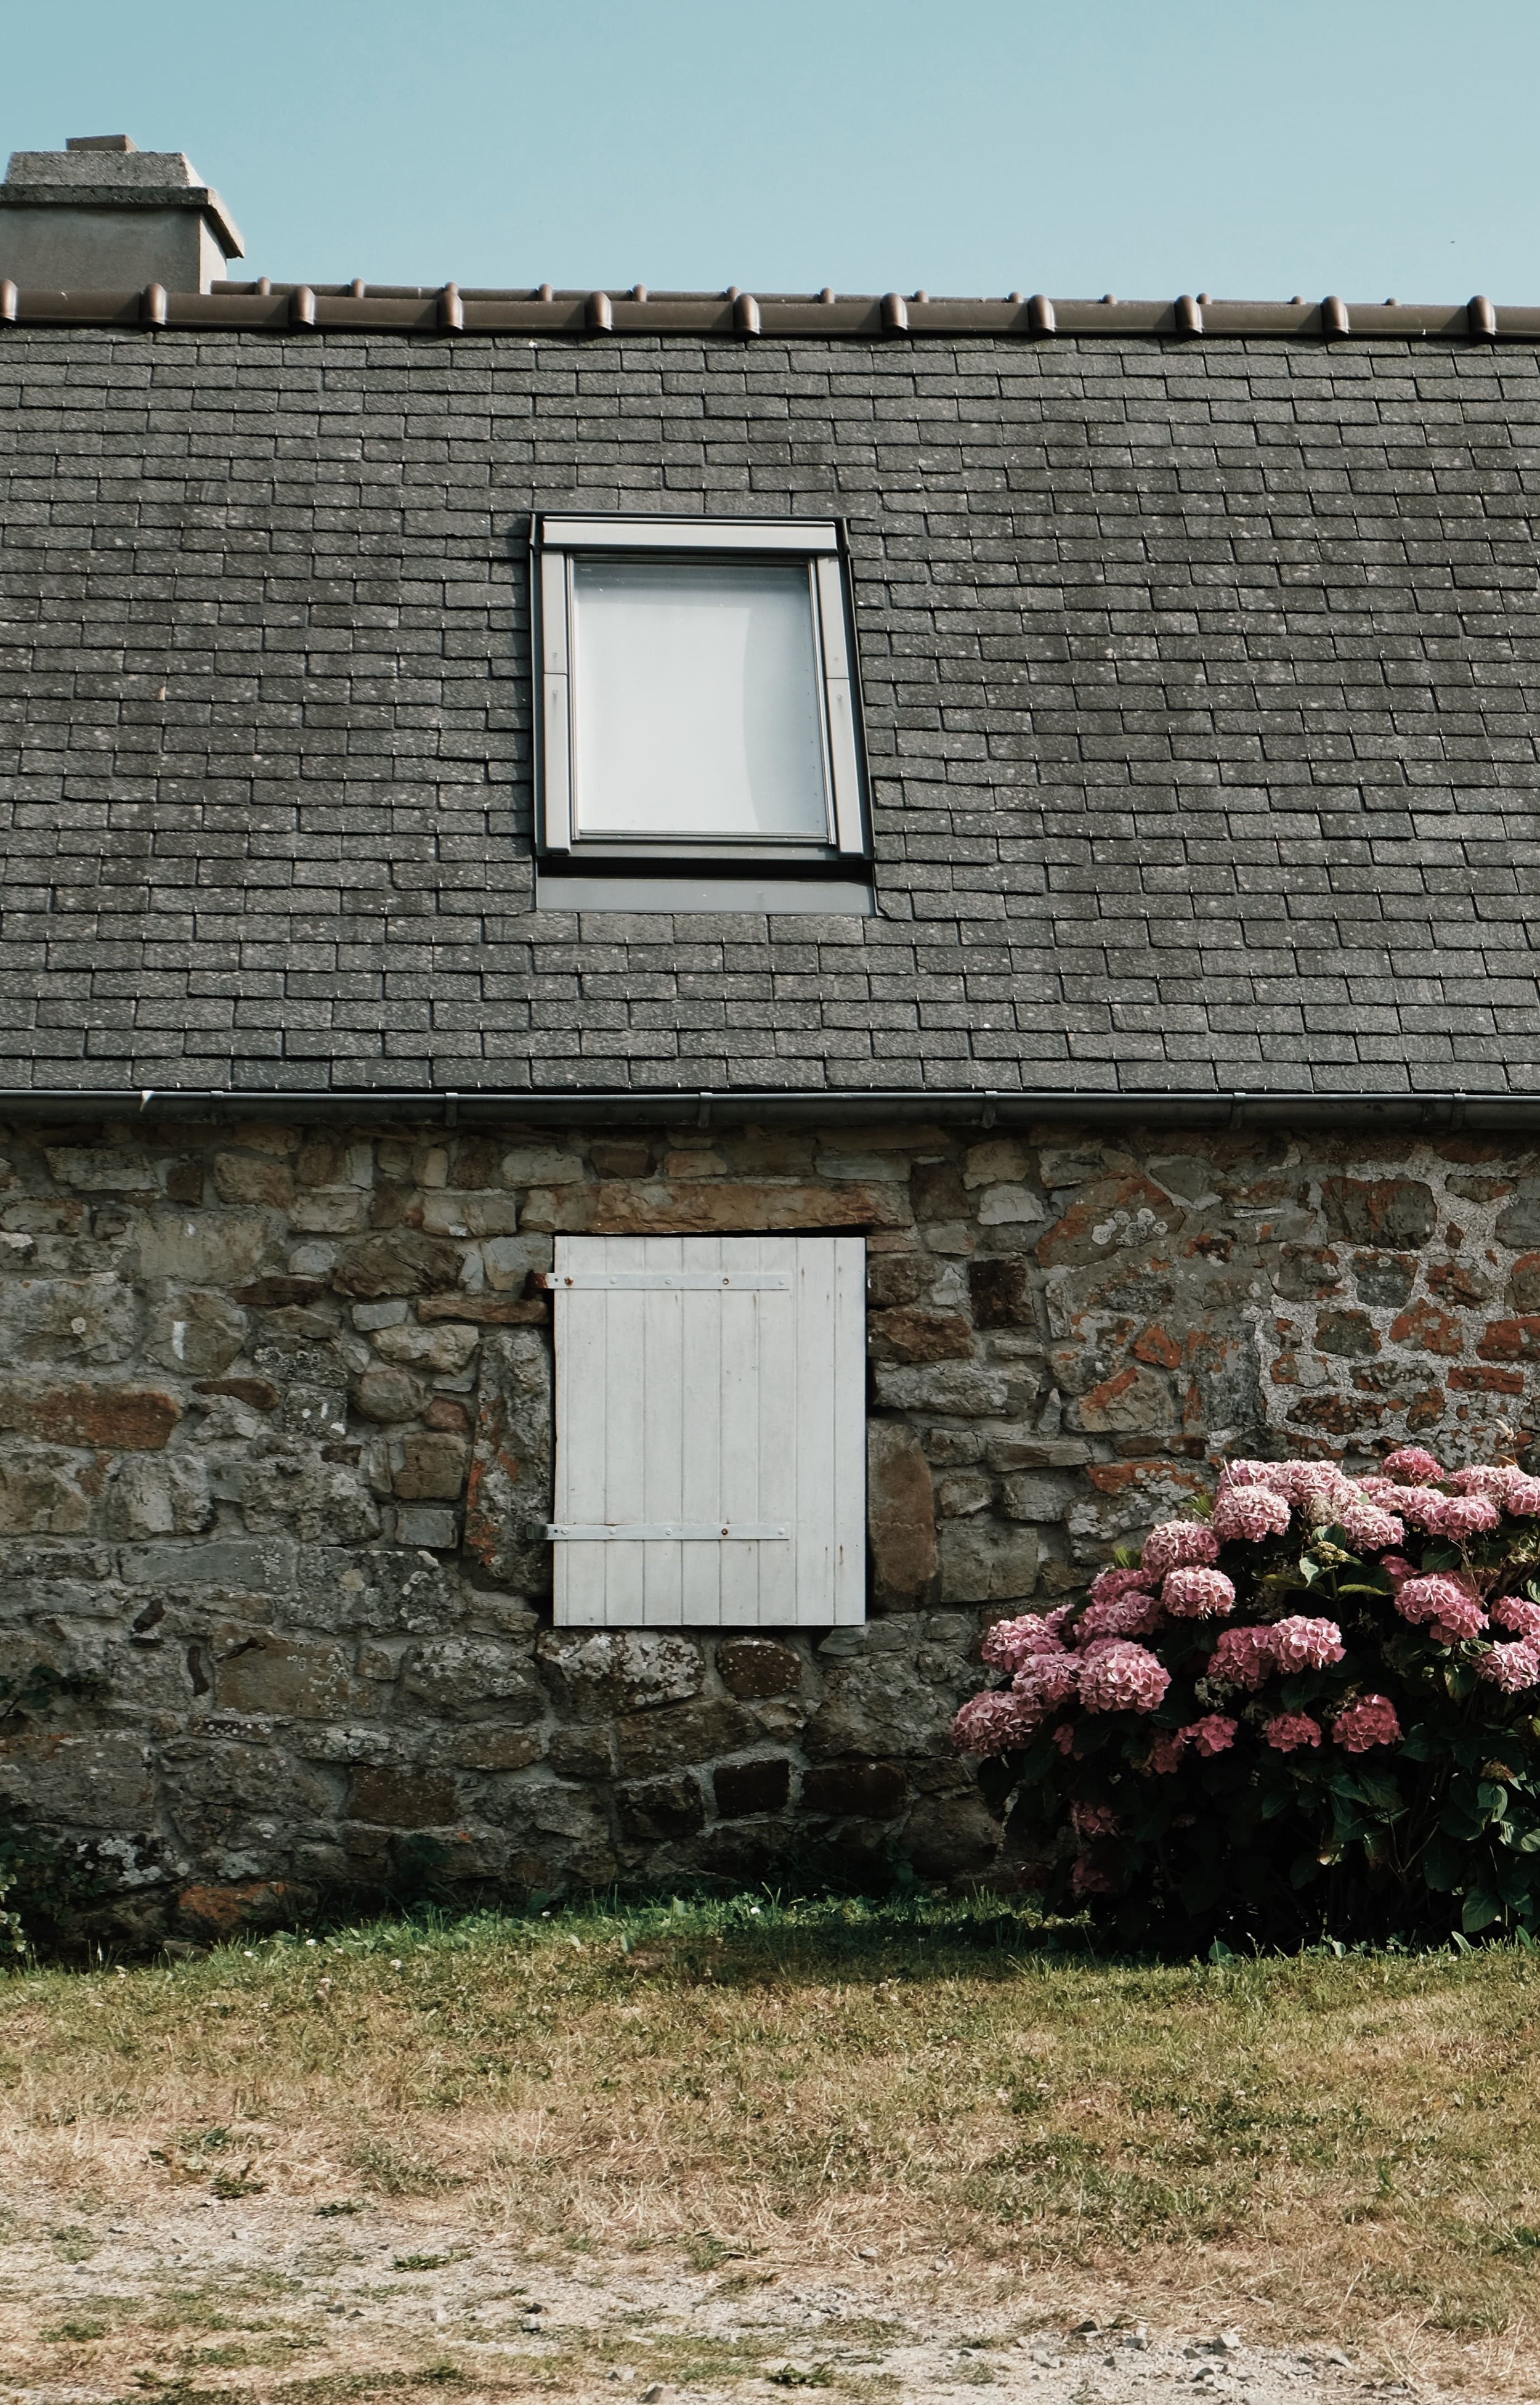 Carnet Sauvage - blog voyage Lille - visiter la Bretagne - presqu'ile de Crozon - Cap de la chevre6.jpg